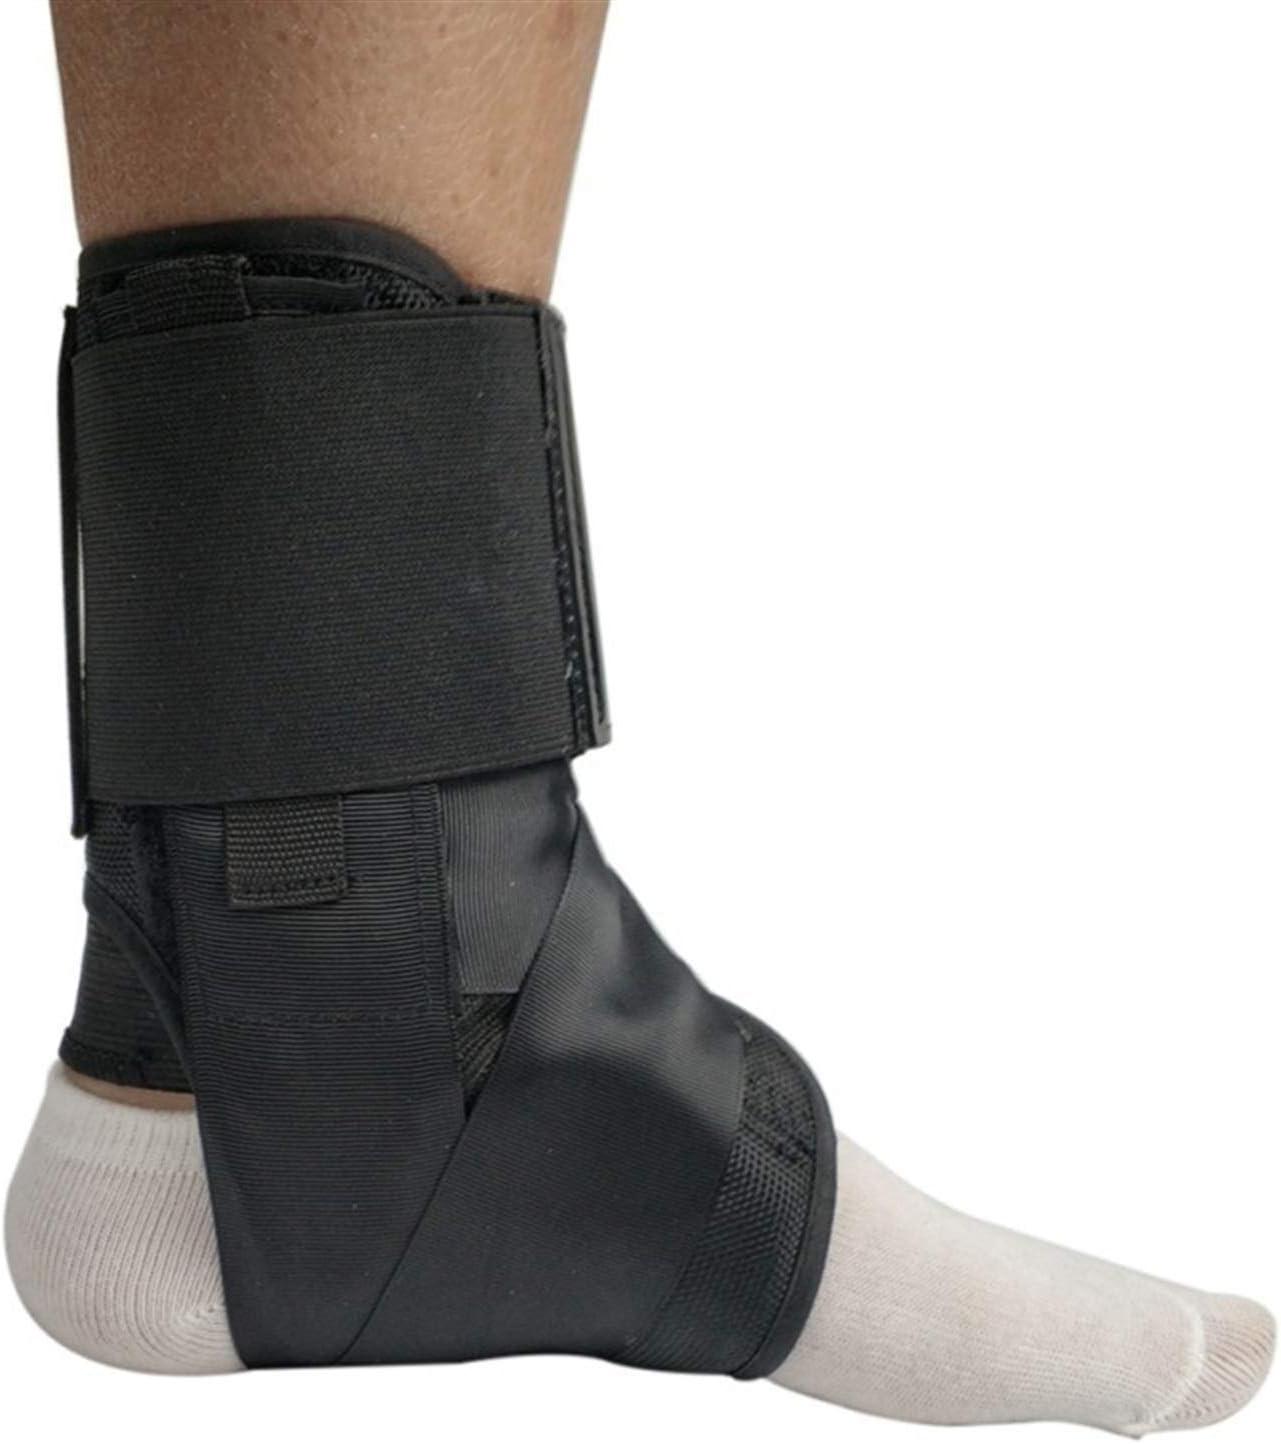 Tobilleras Vendaje de Las Correas de Seguridad de los Deportes Ajustable Tobillo Protectores Soporta Protector del pie Ortesis estabilizadora (Color : Negro, Size : L)